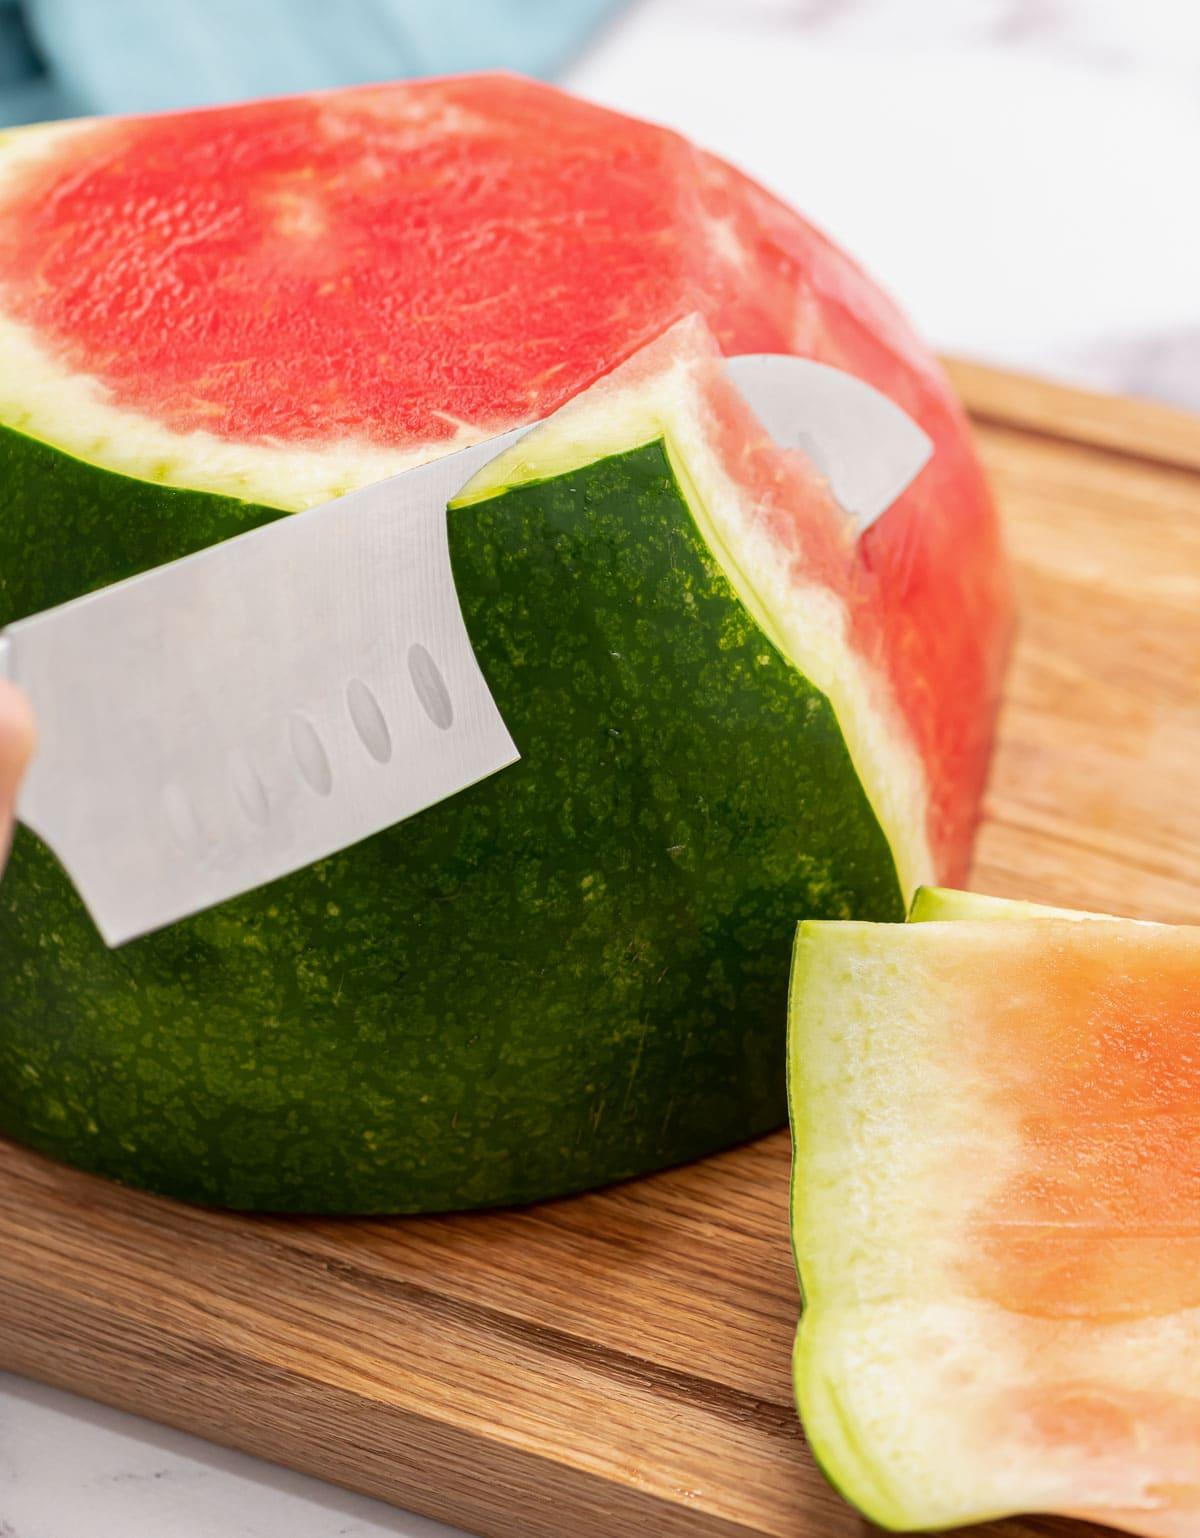 Une pastèque tranchée avec un couteau